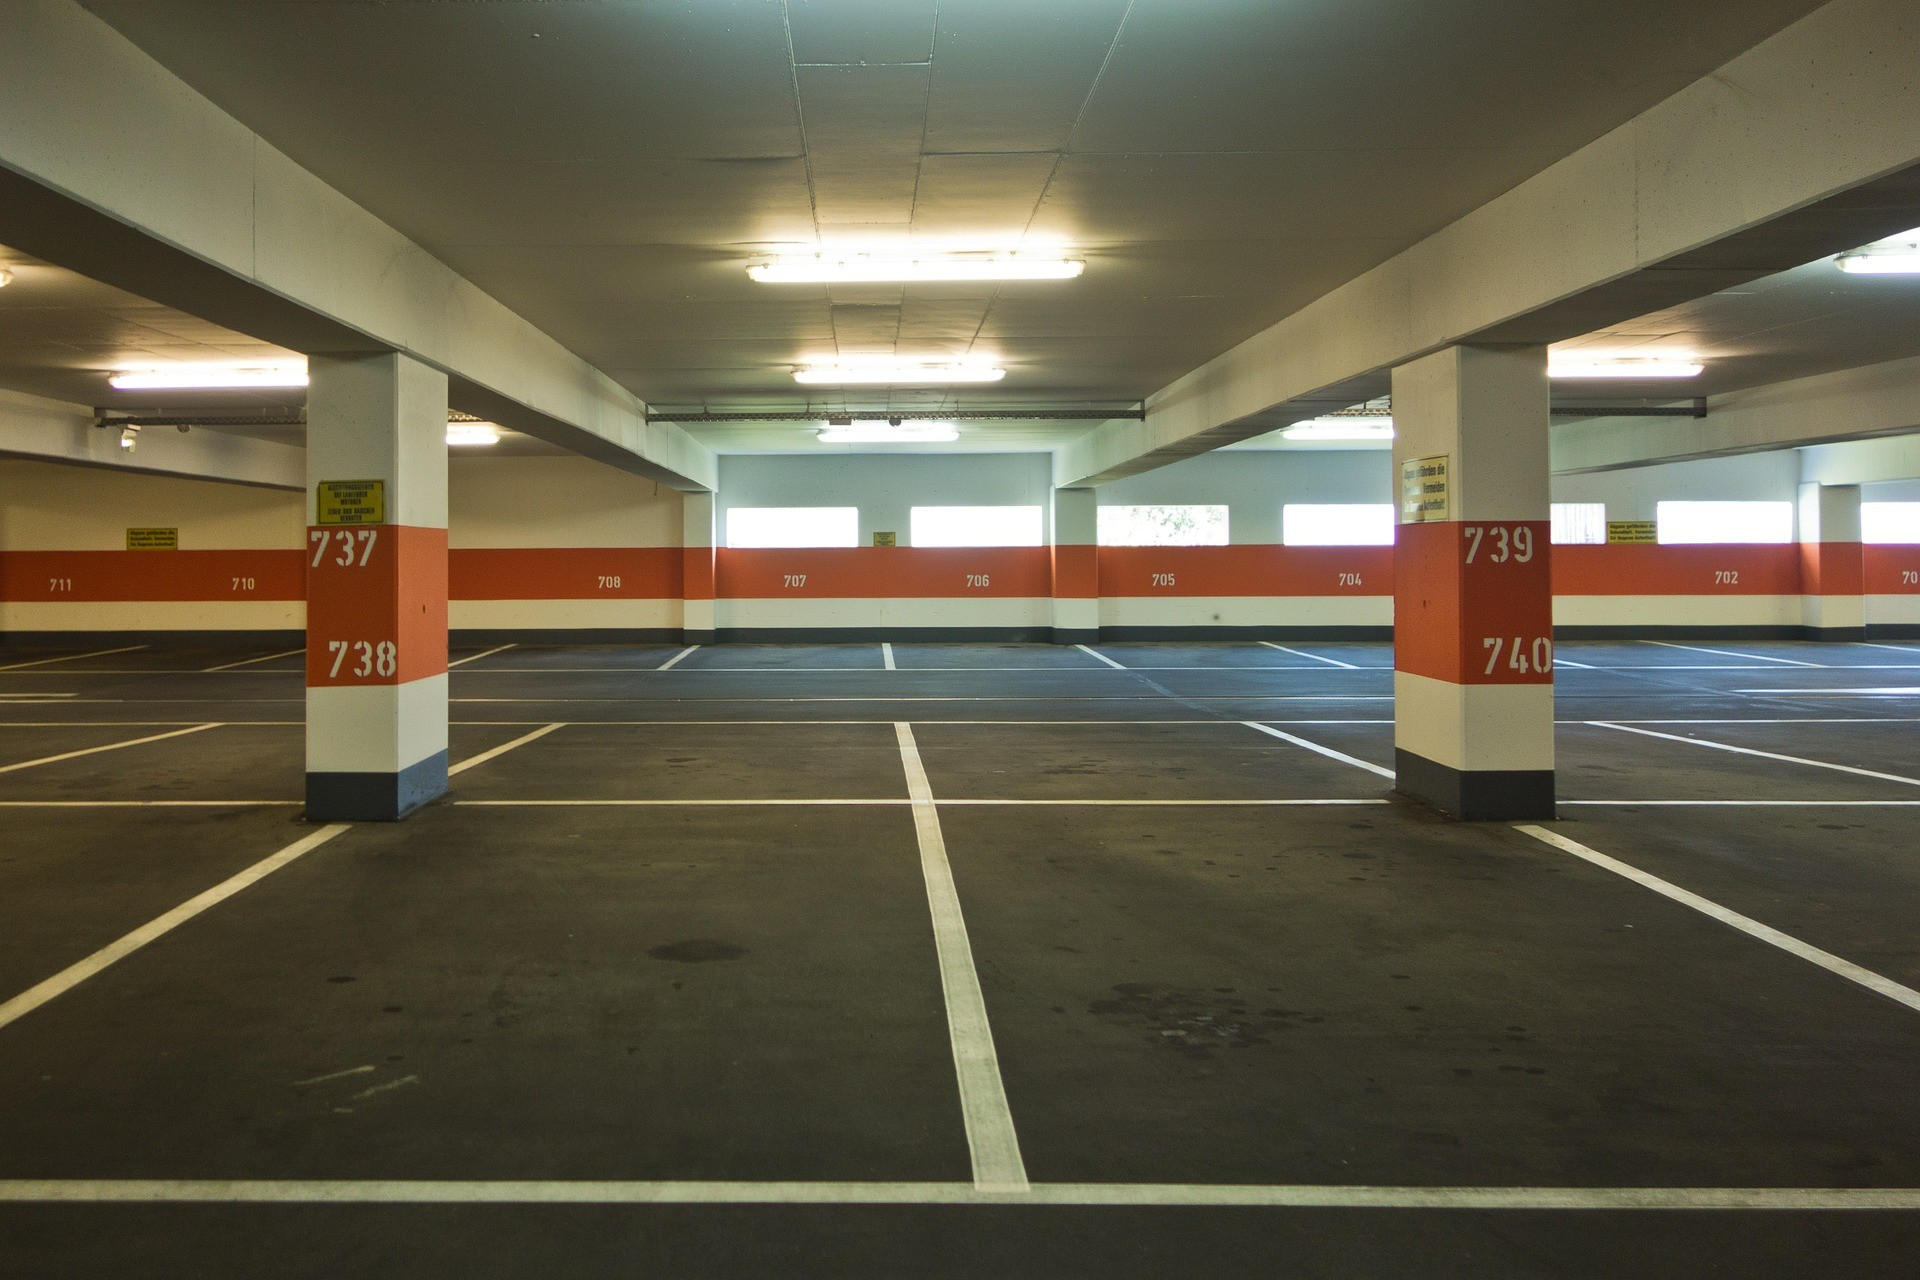 ▲▼停車場示意圖。(圖/取自免費圖庫pixbay)